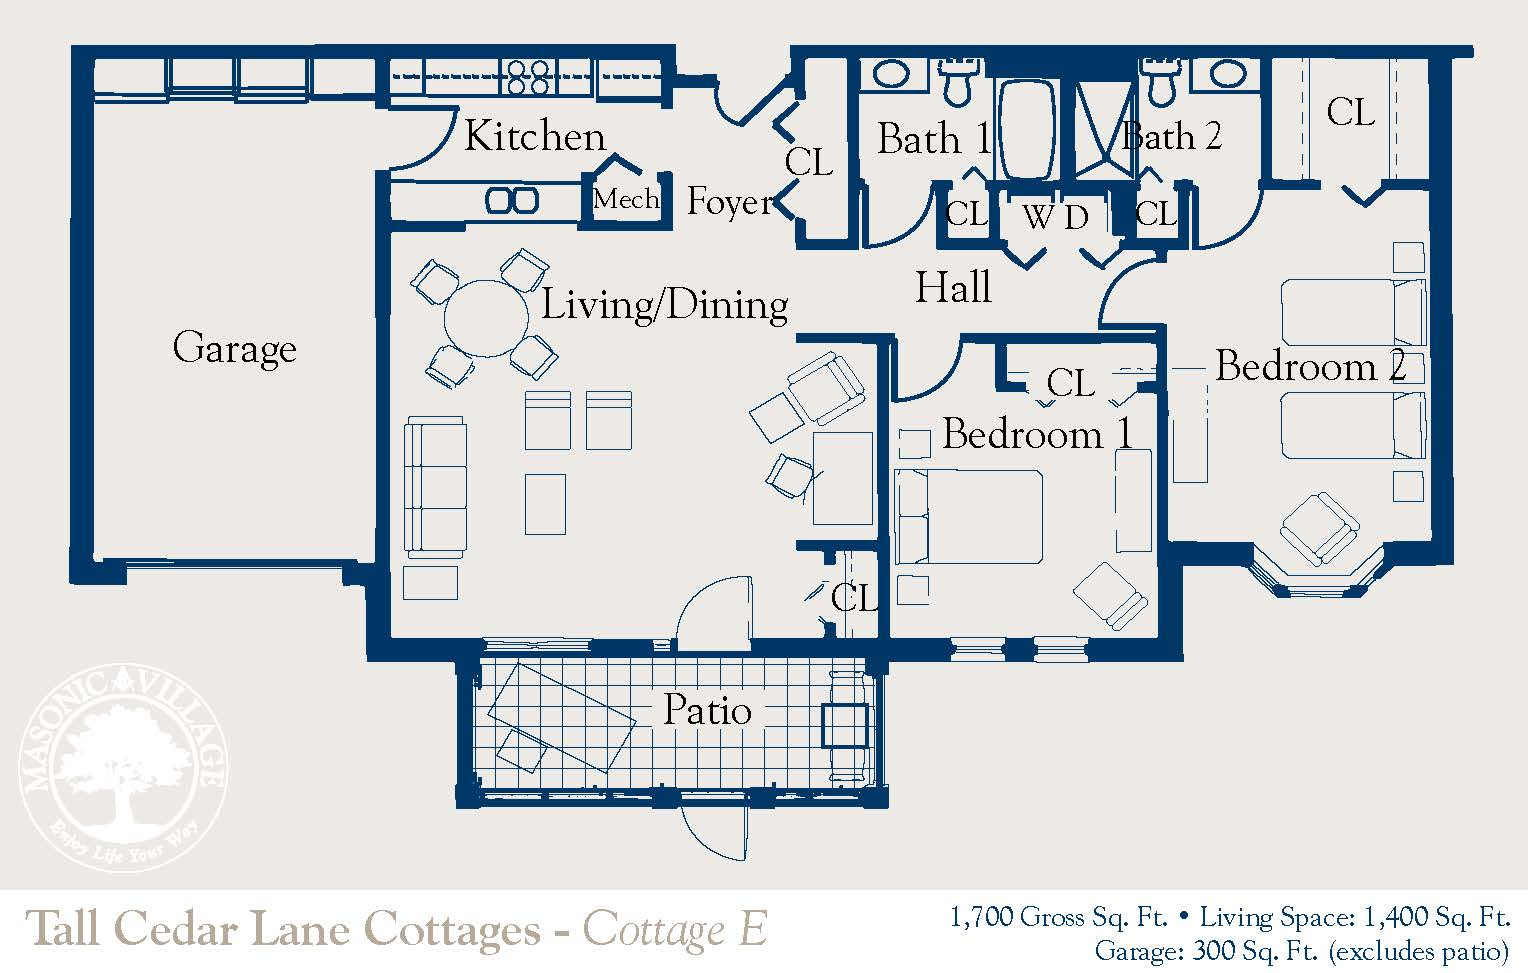 masonic village elizabethtown cottage